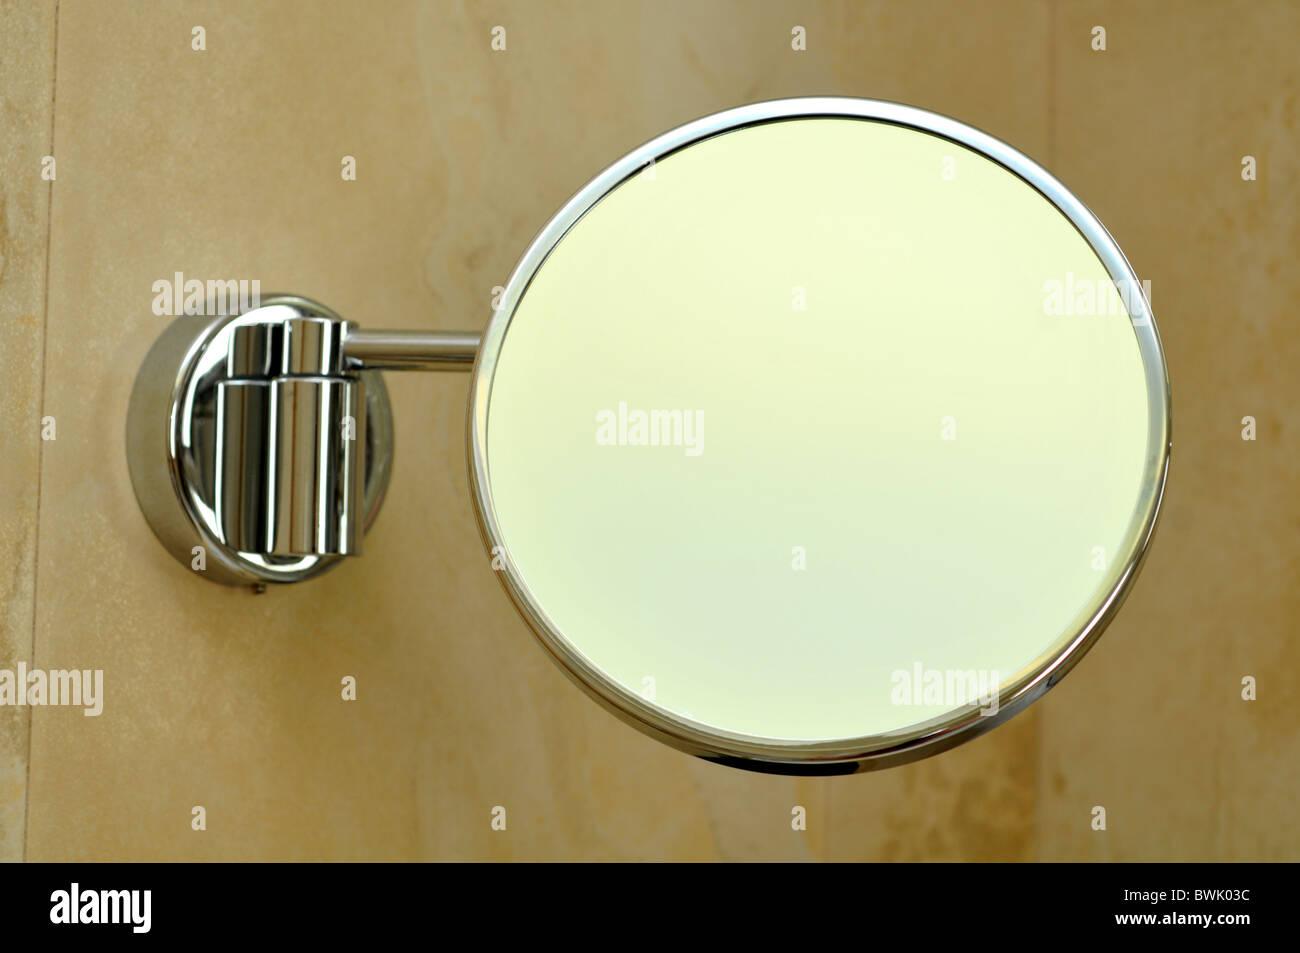 """Miroir miroir 'savoir' 'miroir de salle de bains"""" Photo Stock"""